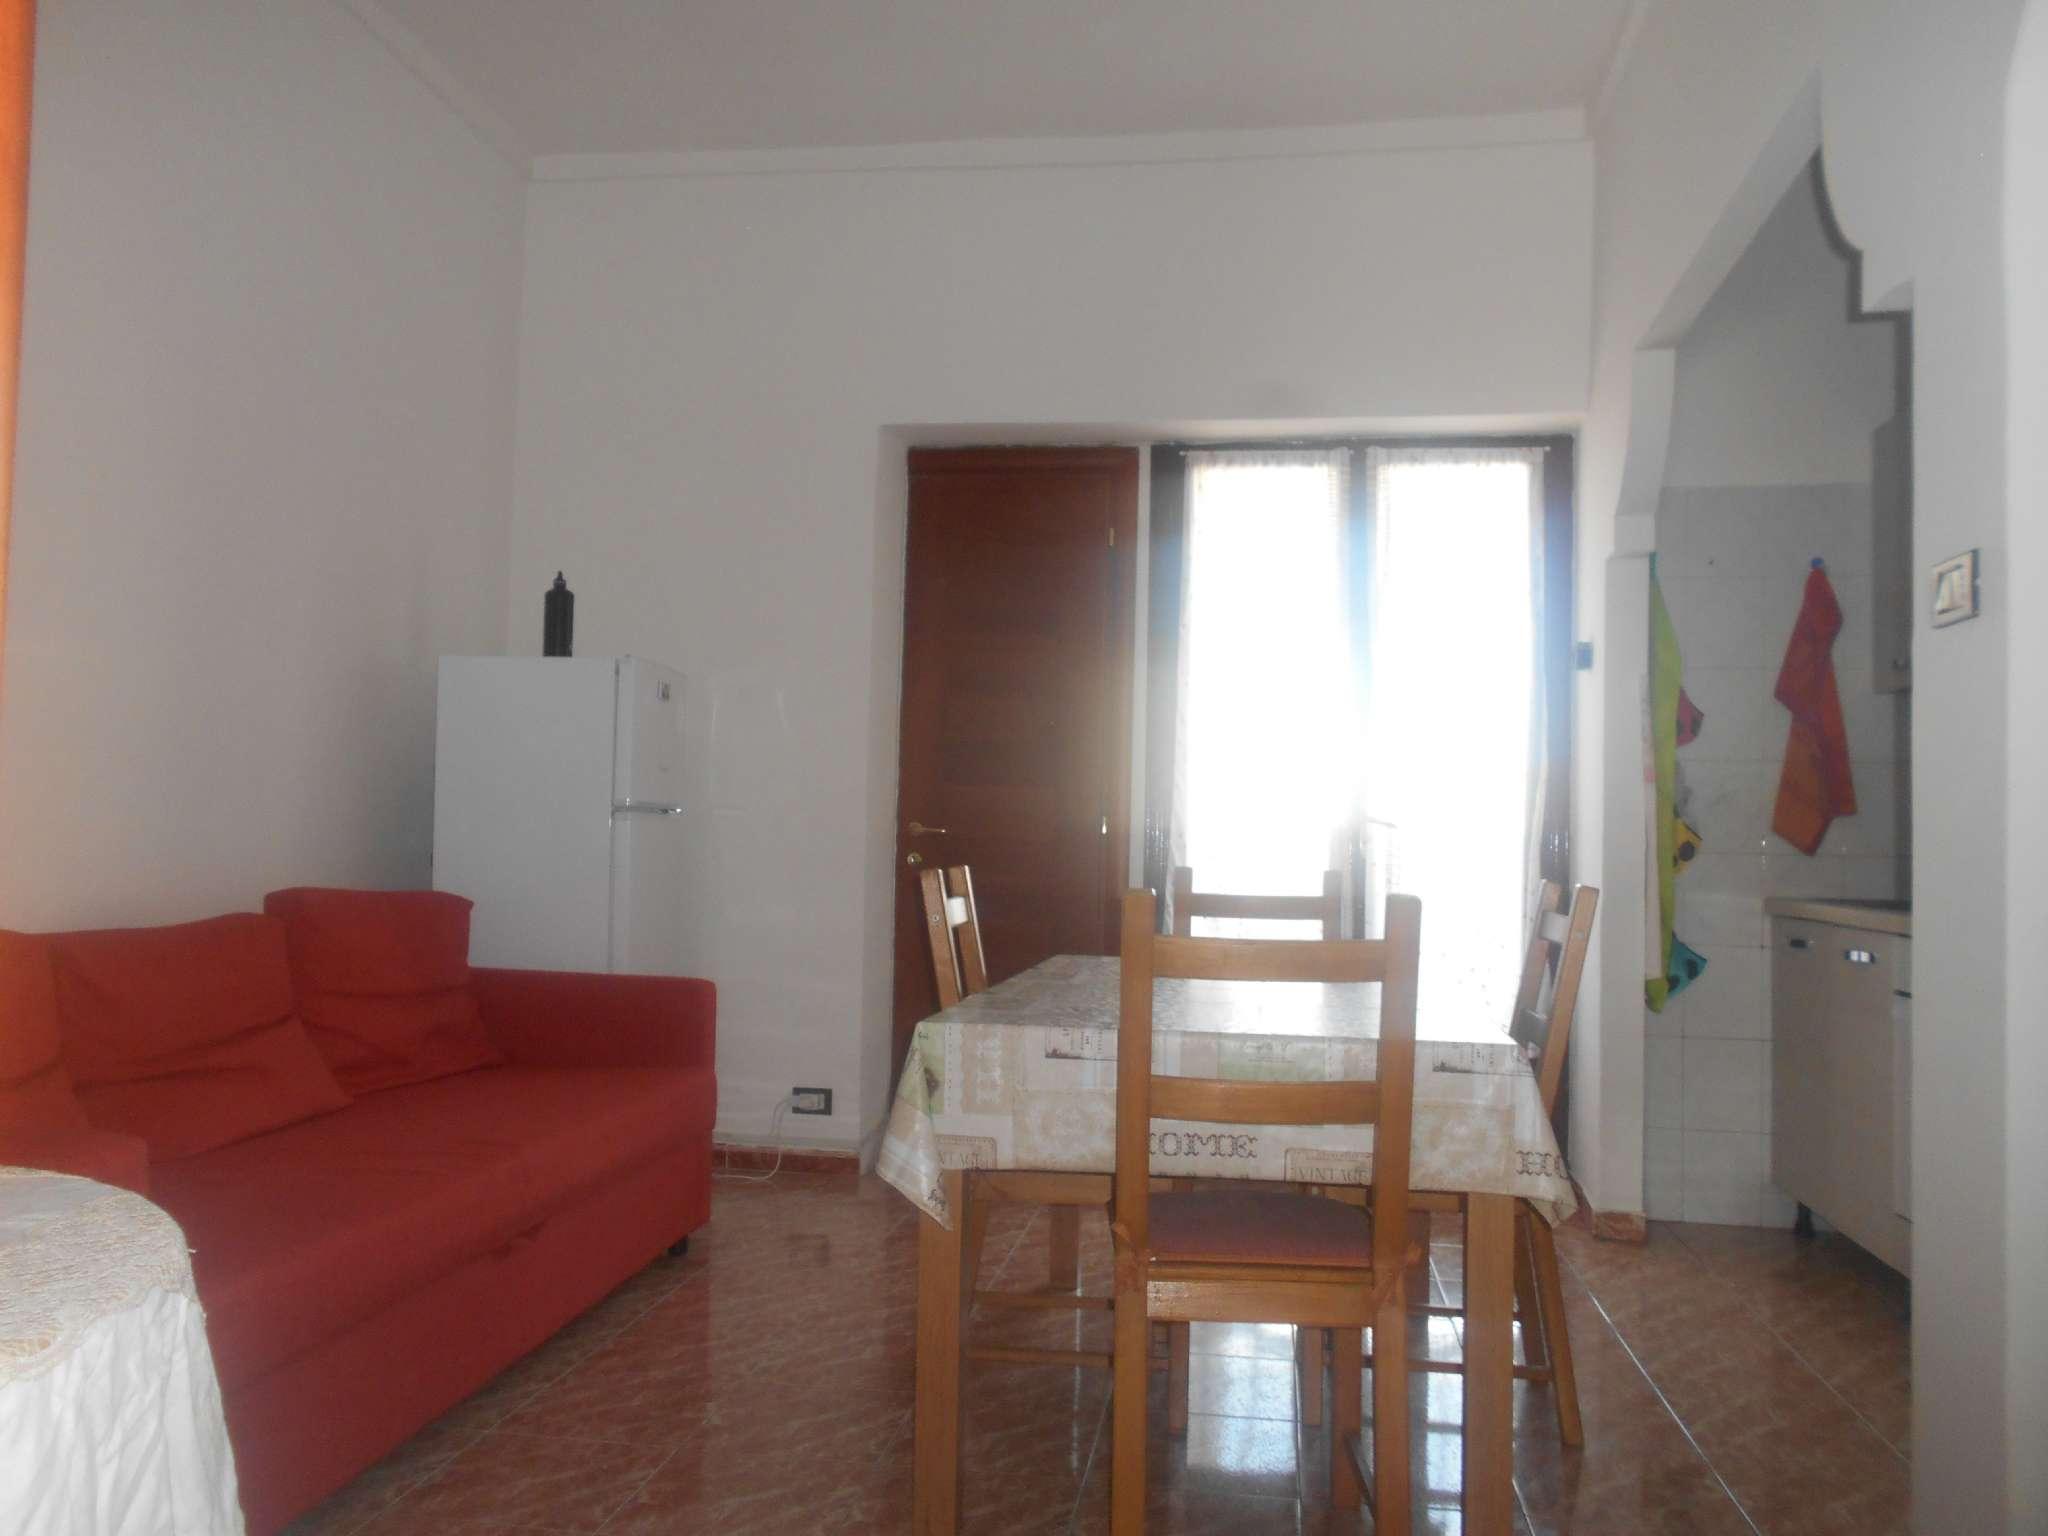 Torino Torino Vendita APPARTAMENTO » vendita alloggio torino vendite appartamenti